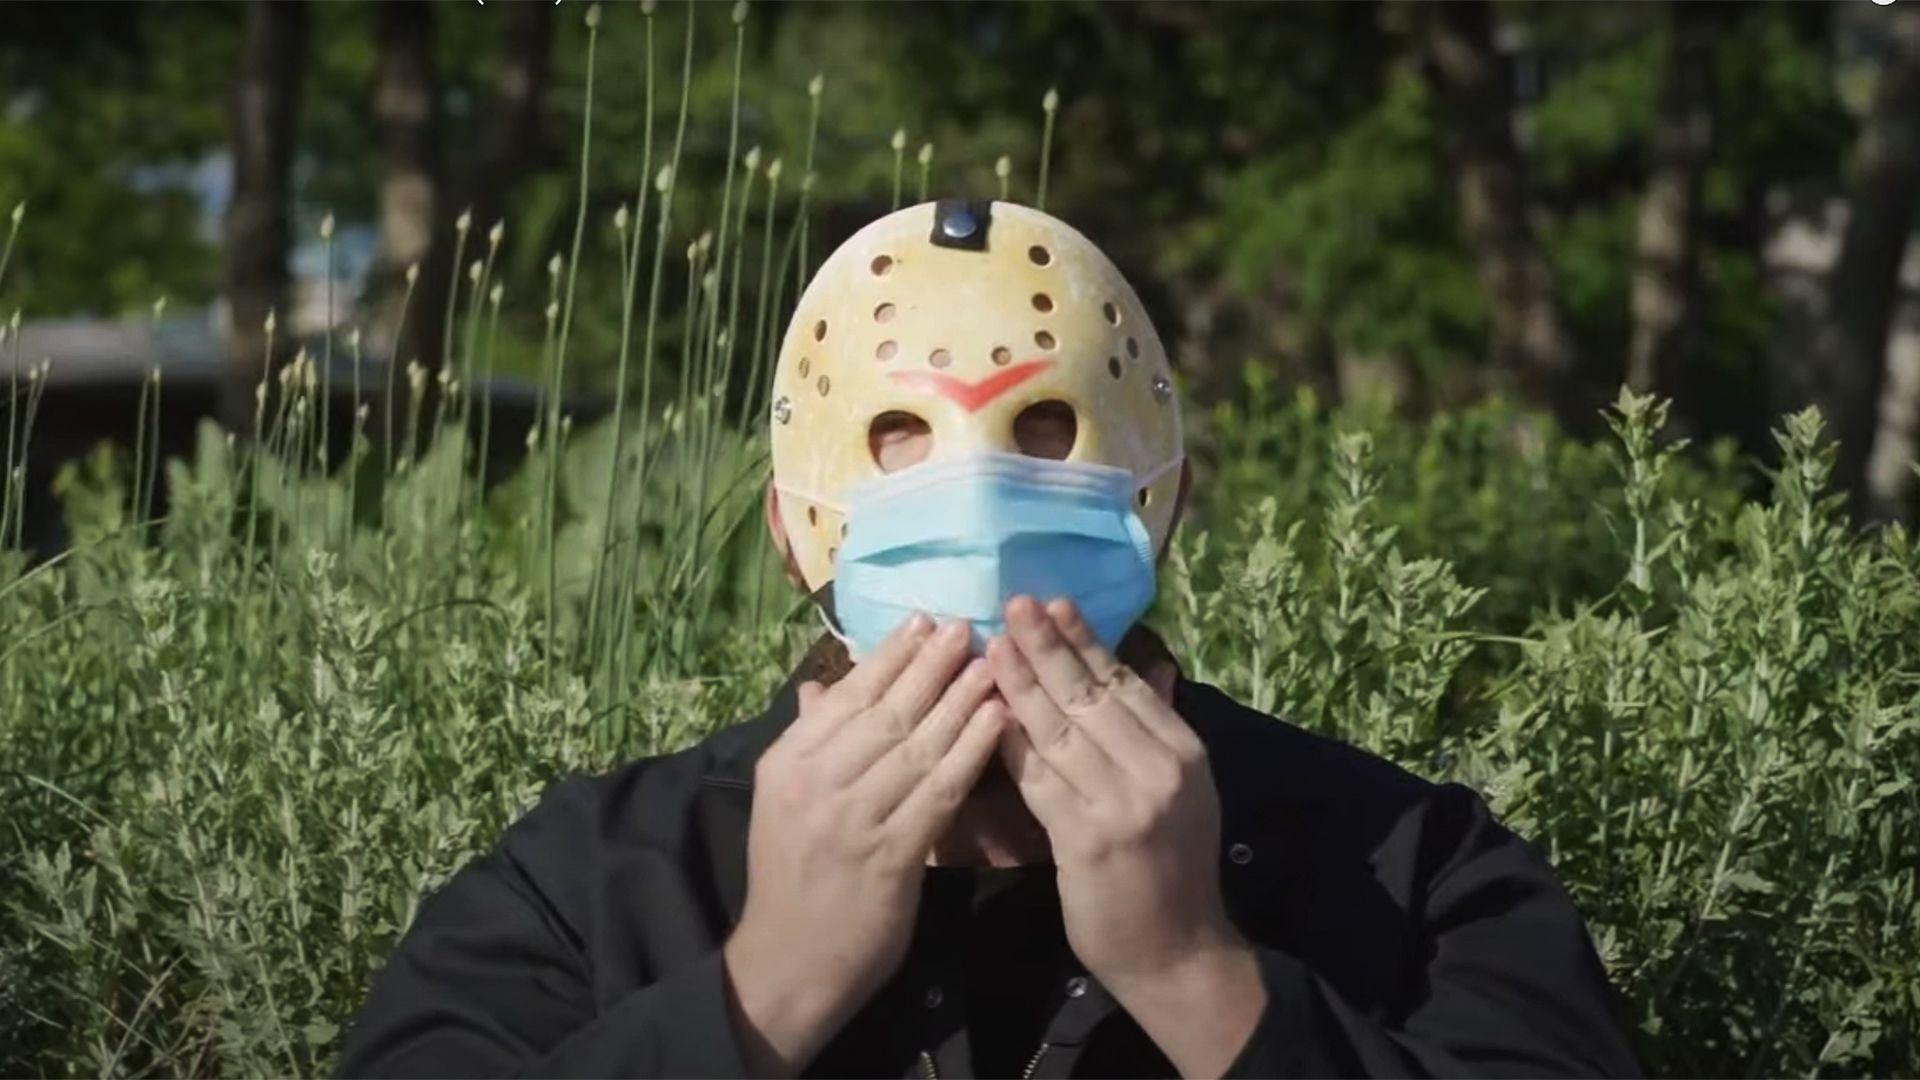 A Péntek 13 horror-ikonja kampányol a helyes maszkviselésért